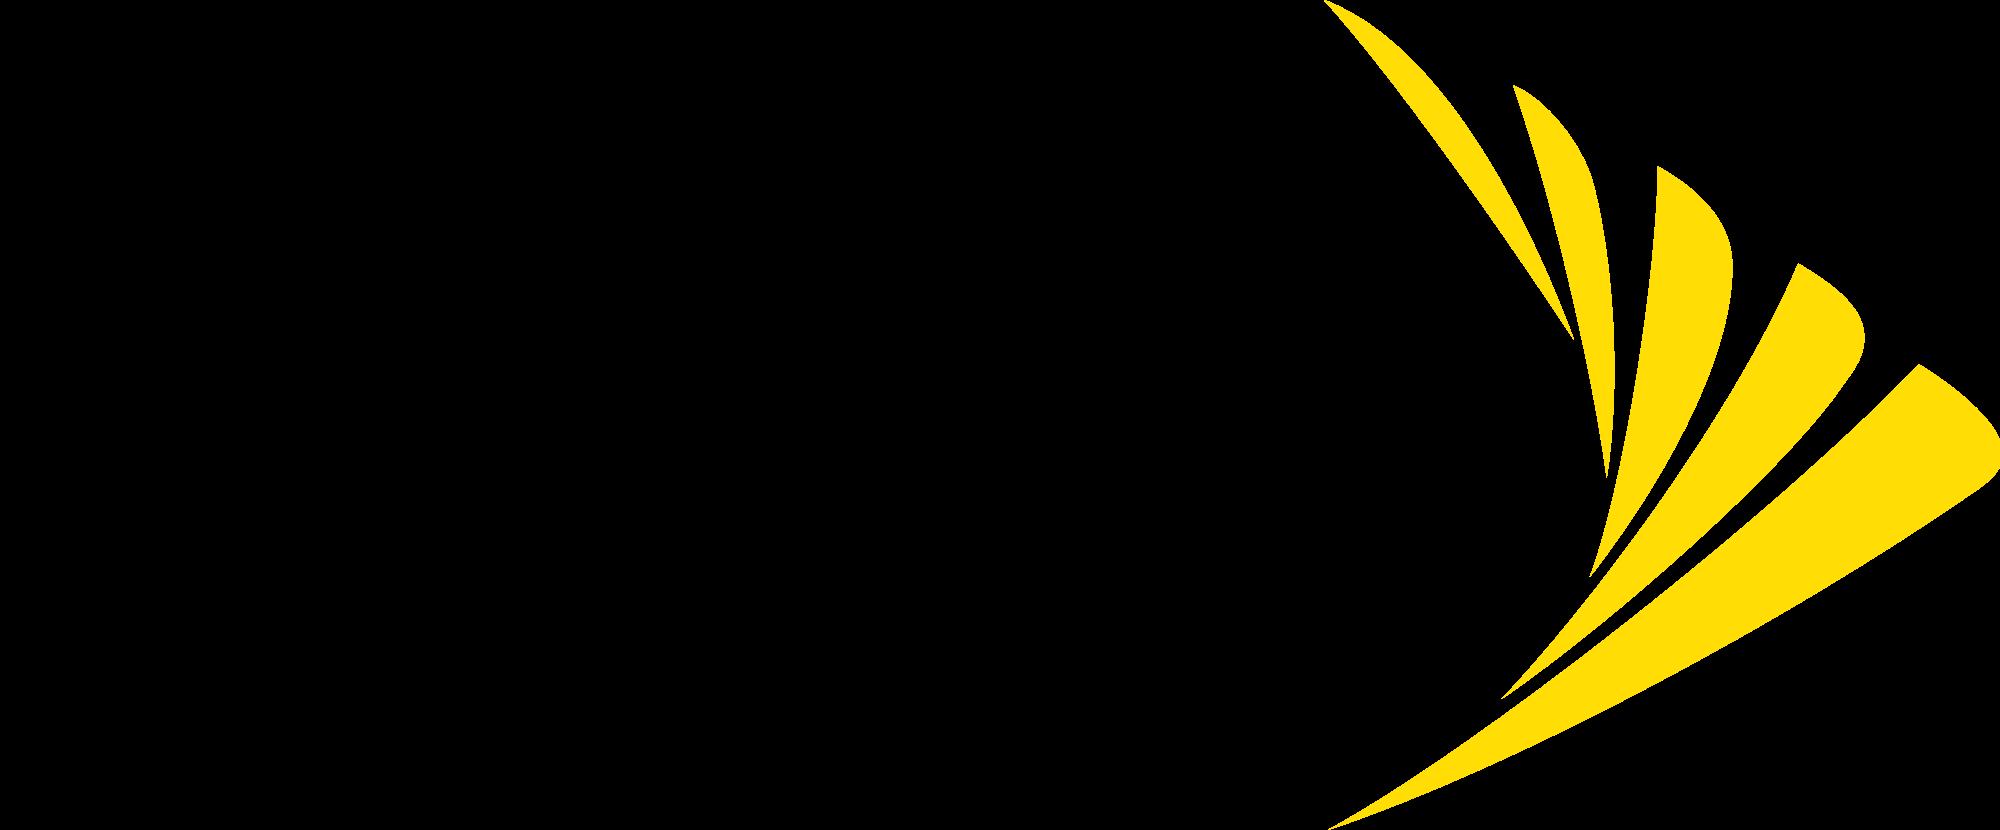 Sprint Nextel Logo